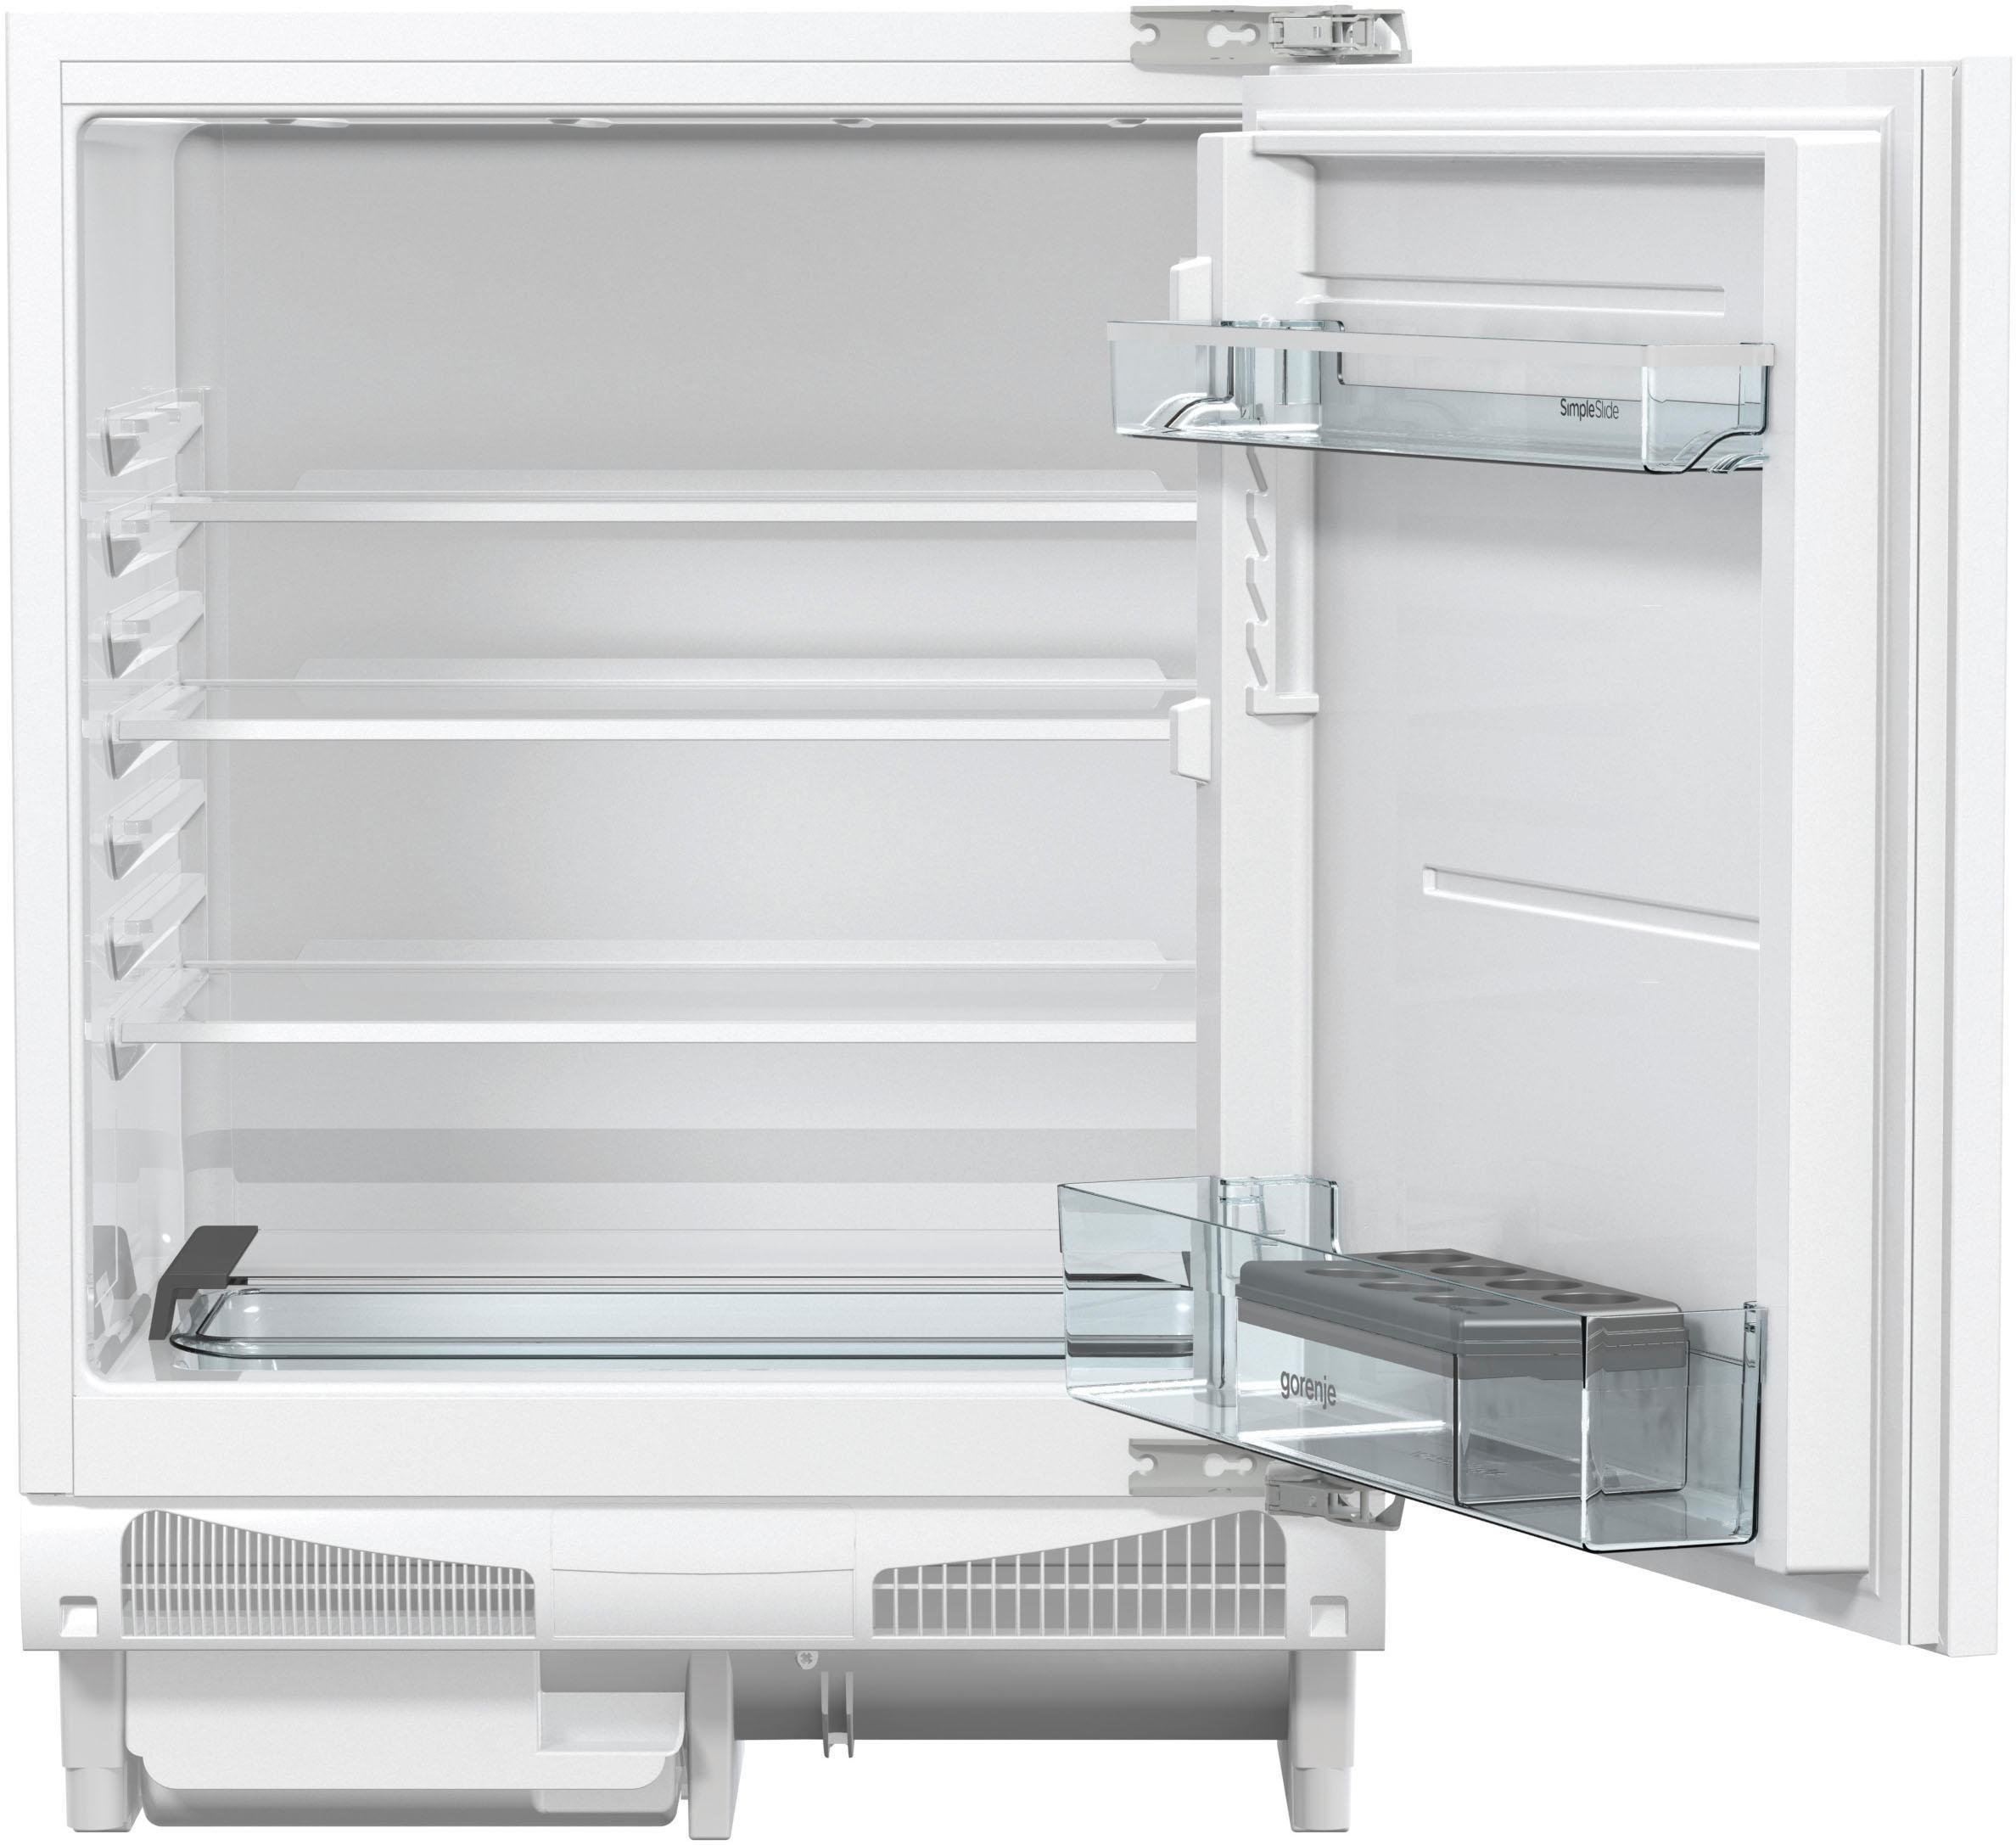 sp ltisch unterbau preisvergleich die besten angebote online kaufen. Black Bedroom Furniture Sets. Home Design Ideas